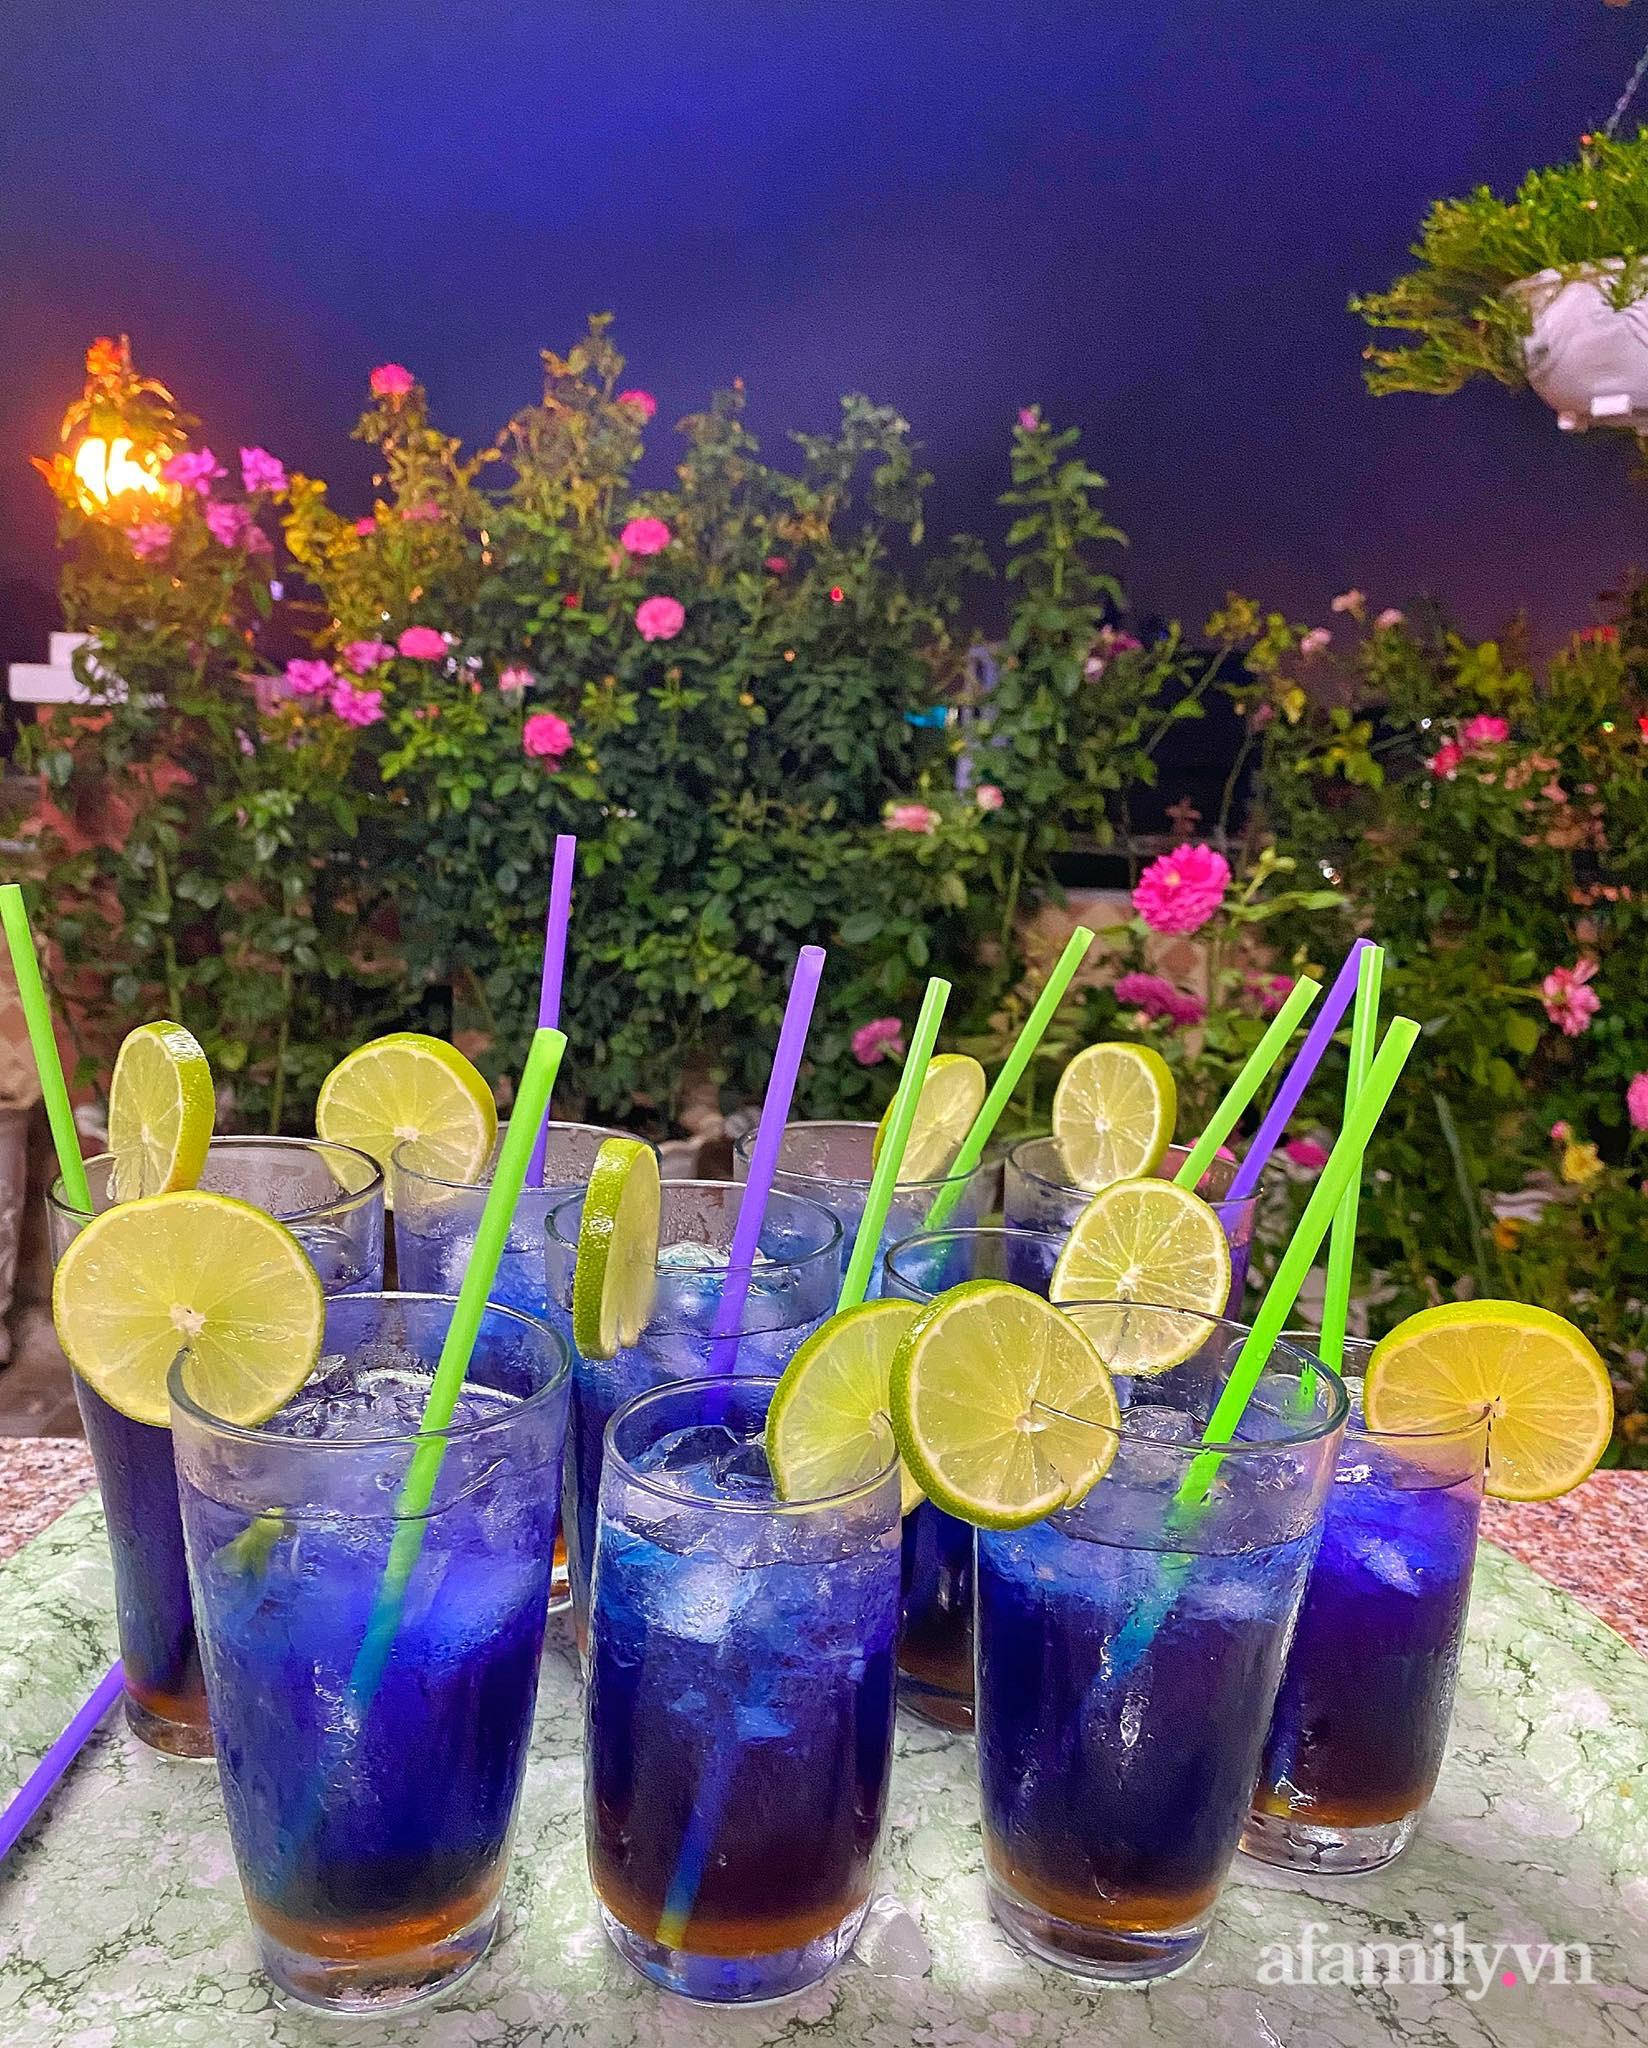 Sân thượng phủ kín hoa hồng và rau quả sạch ở Sài Gòn của Hoa hậu Janny Thủy Trần - ảnh 31